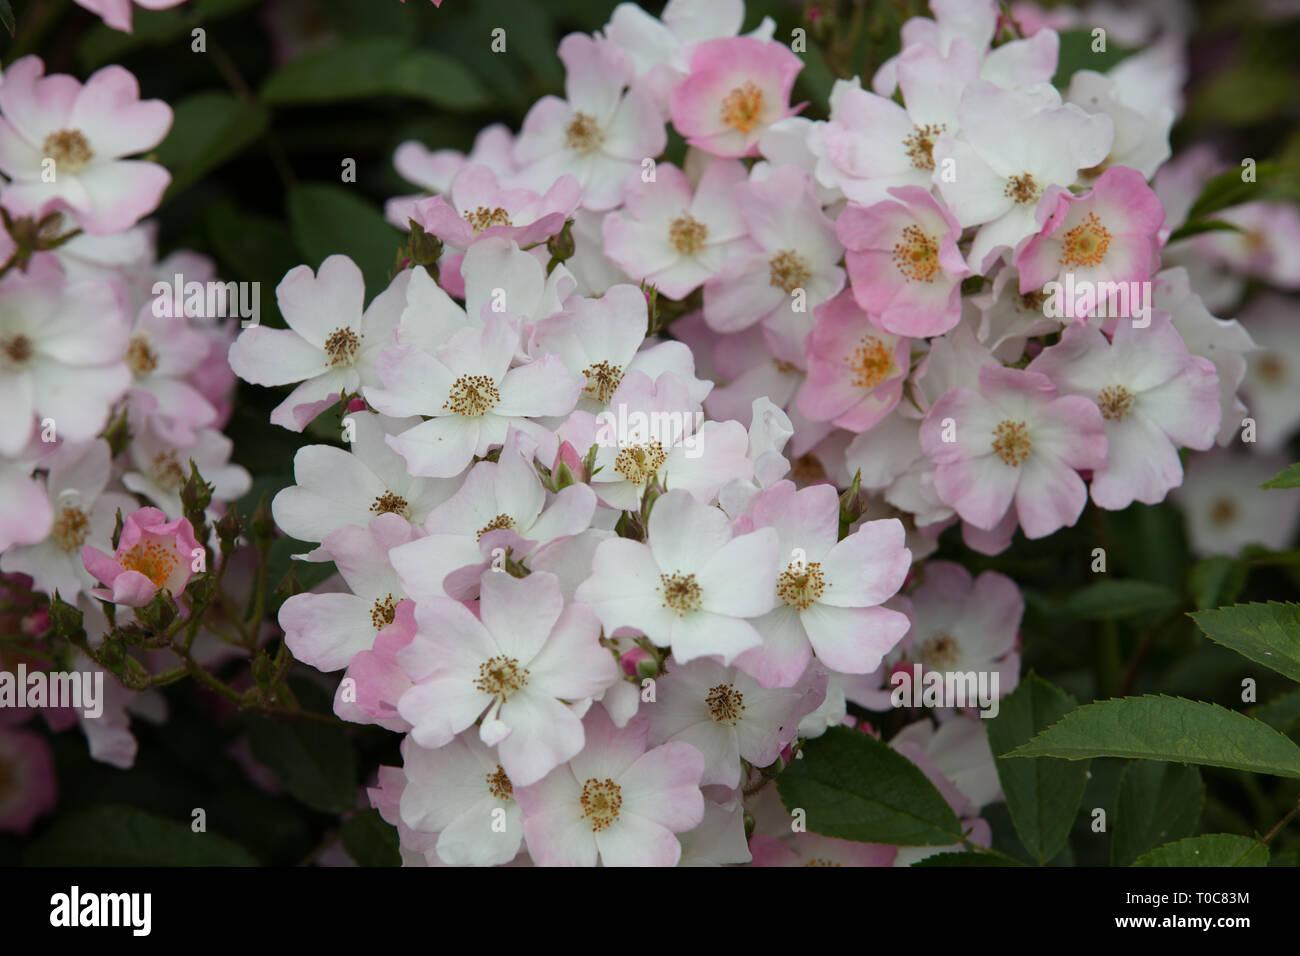 Fiori Bianchi Da Giardino.Rosa Ballerina E Un Piccolo Arbusto Da Giardino Con Abbondanti